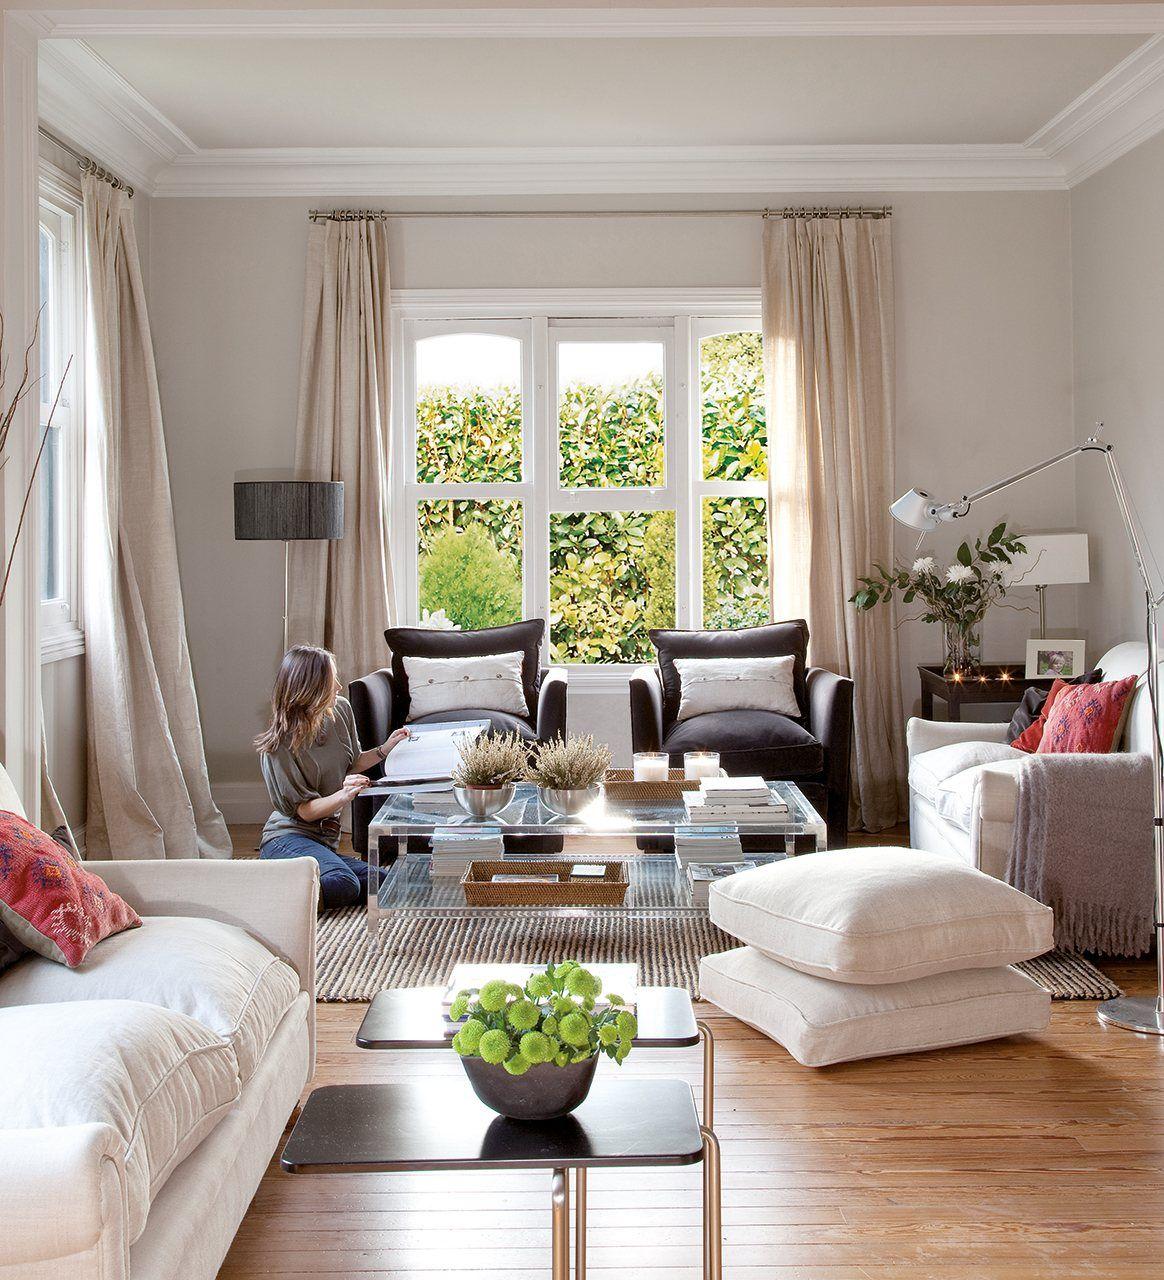 30 salones peque os y confortables salas de estar living room room y small living rooms - Cortinas para salones pequenos ...